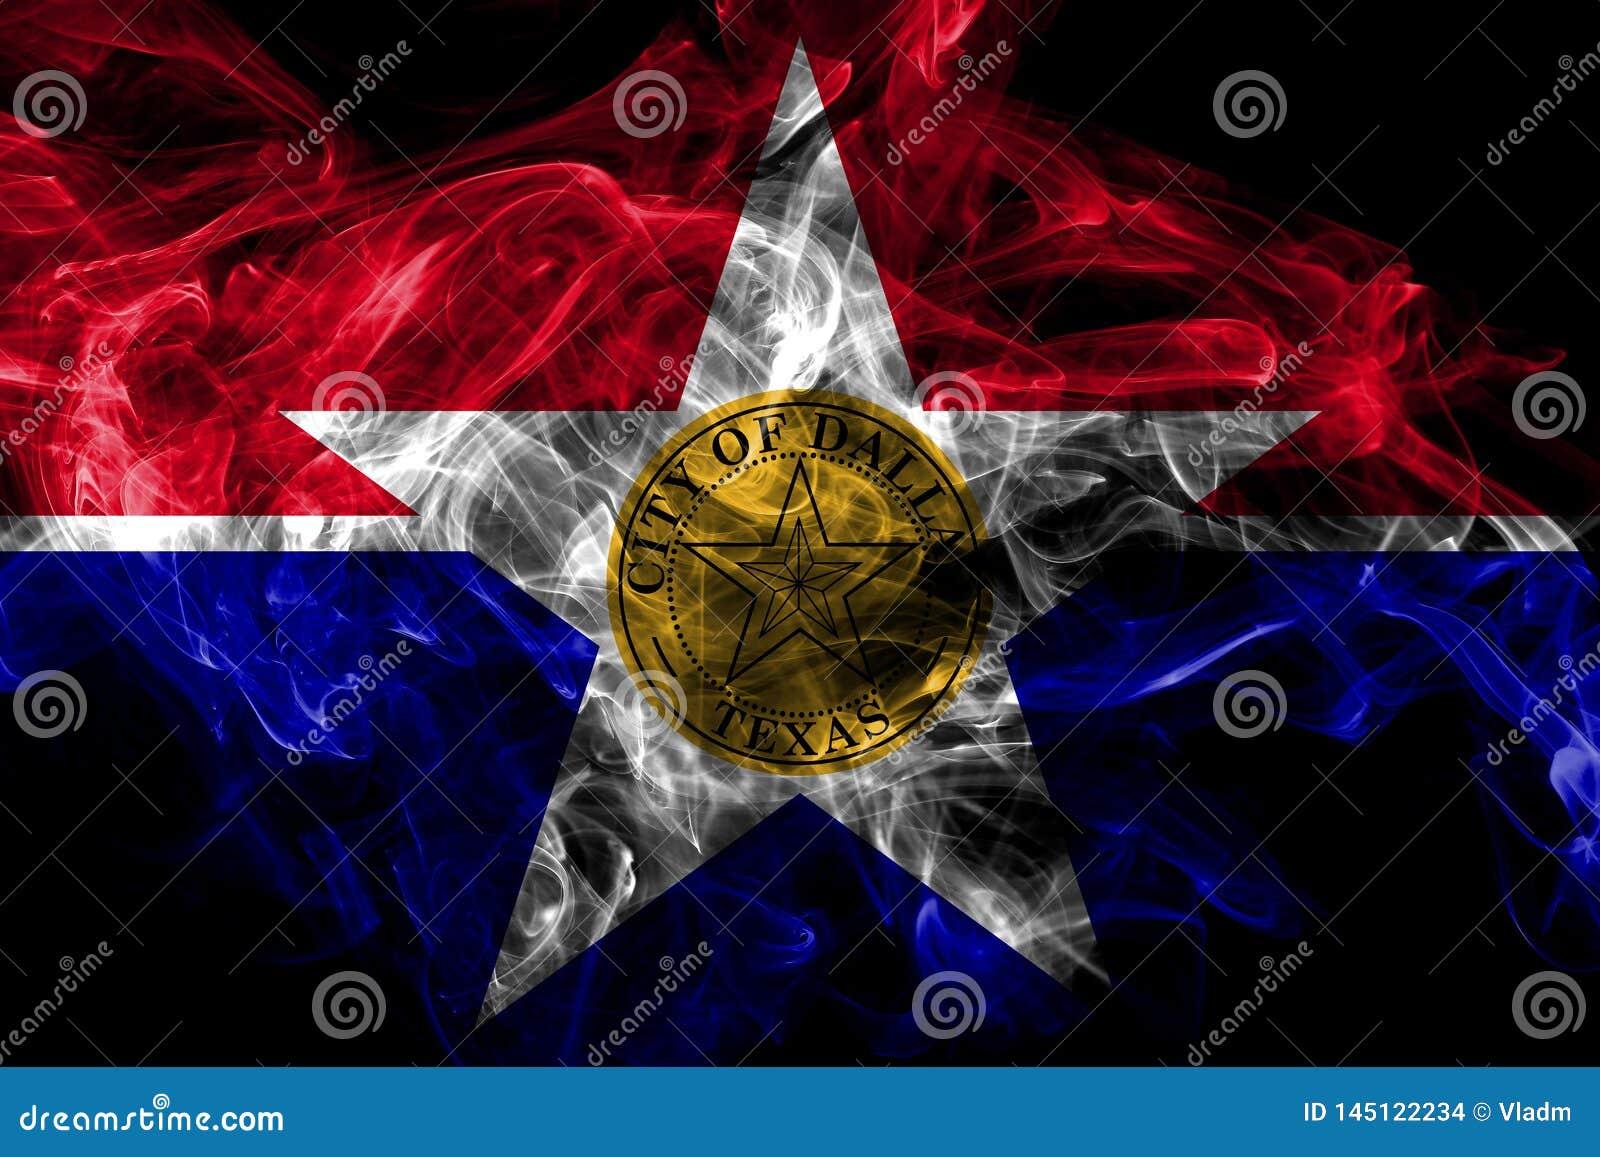 Bandera del humo de la ciudad de Dallas, estado de Illinois, los Estados Unidos de Am?rica